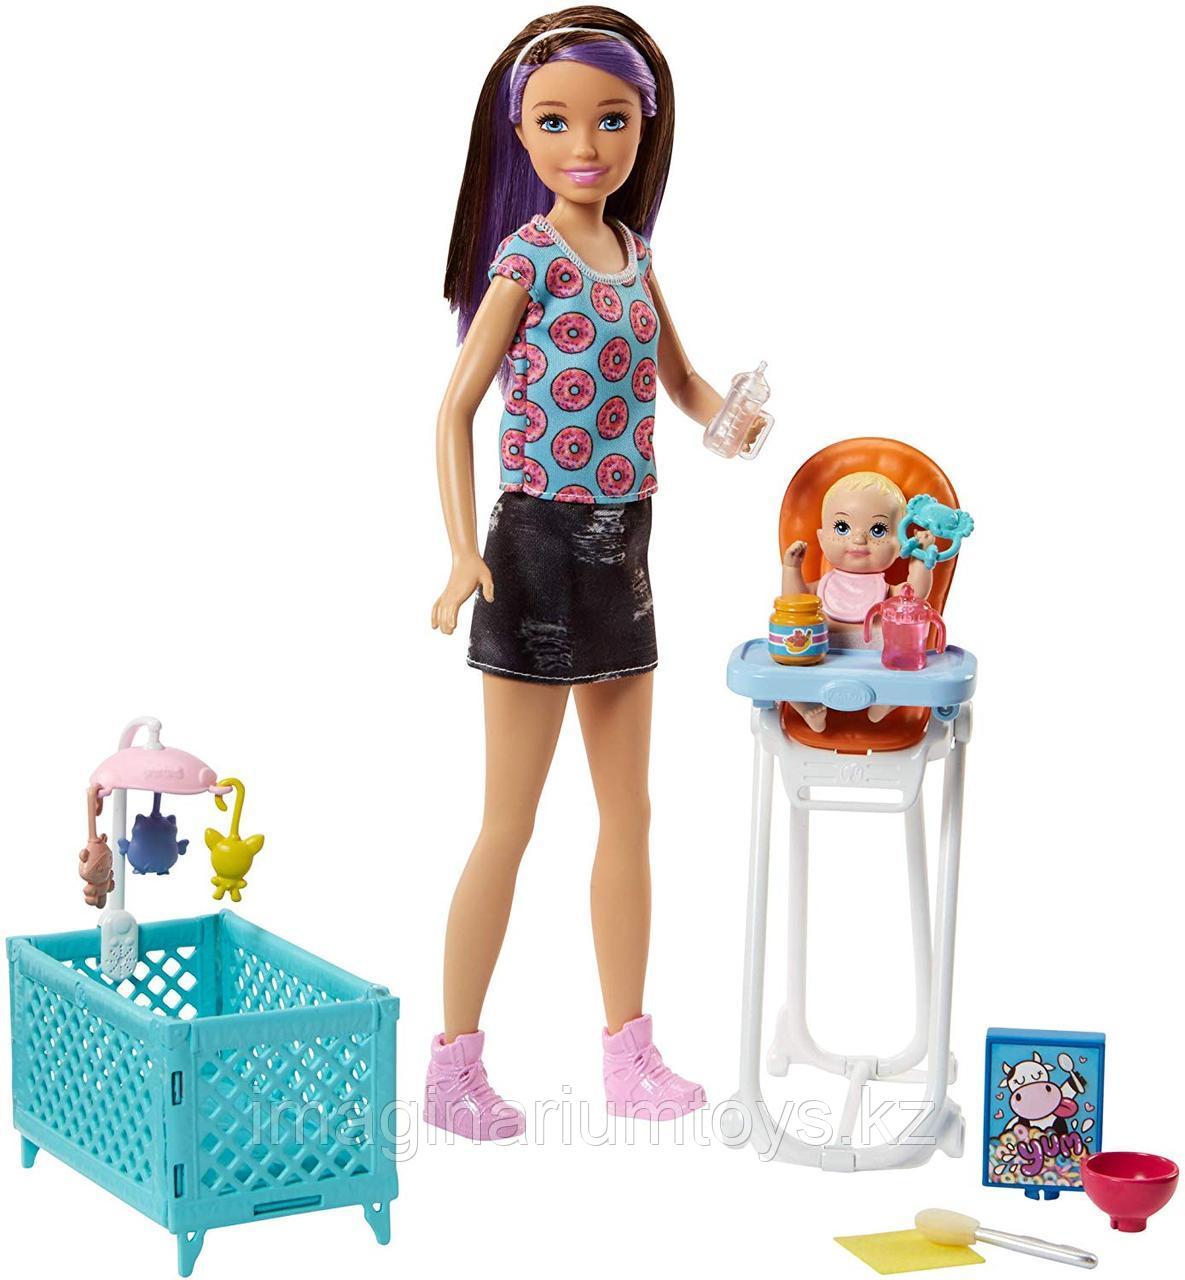 Барби Няня игровой набор с малышом и аксессуарами